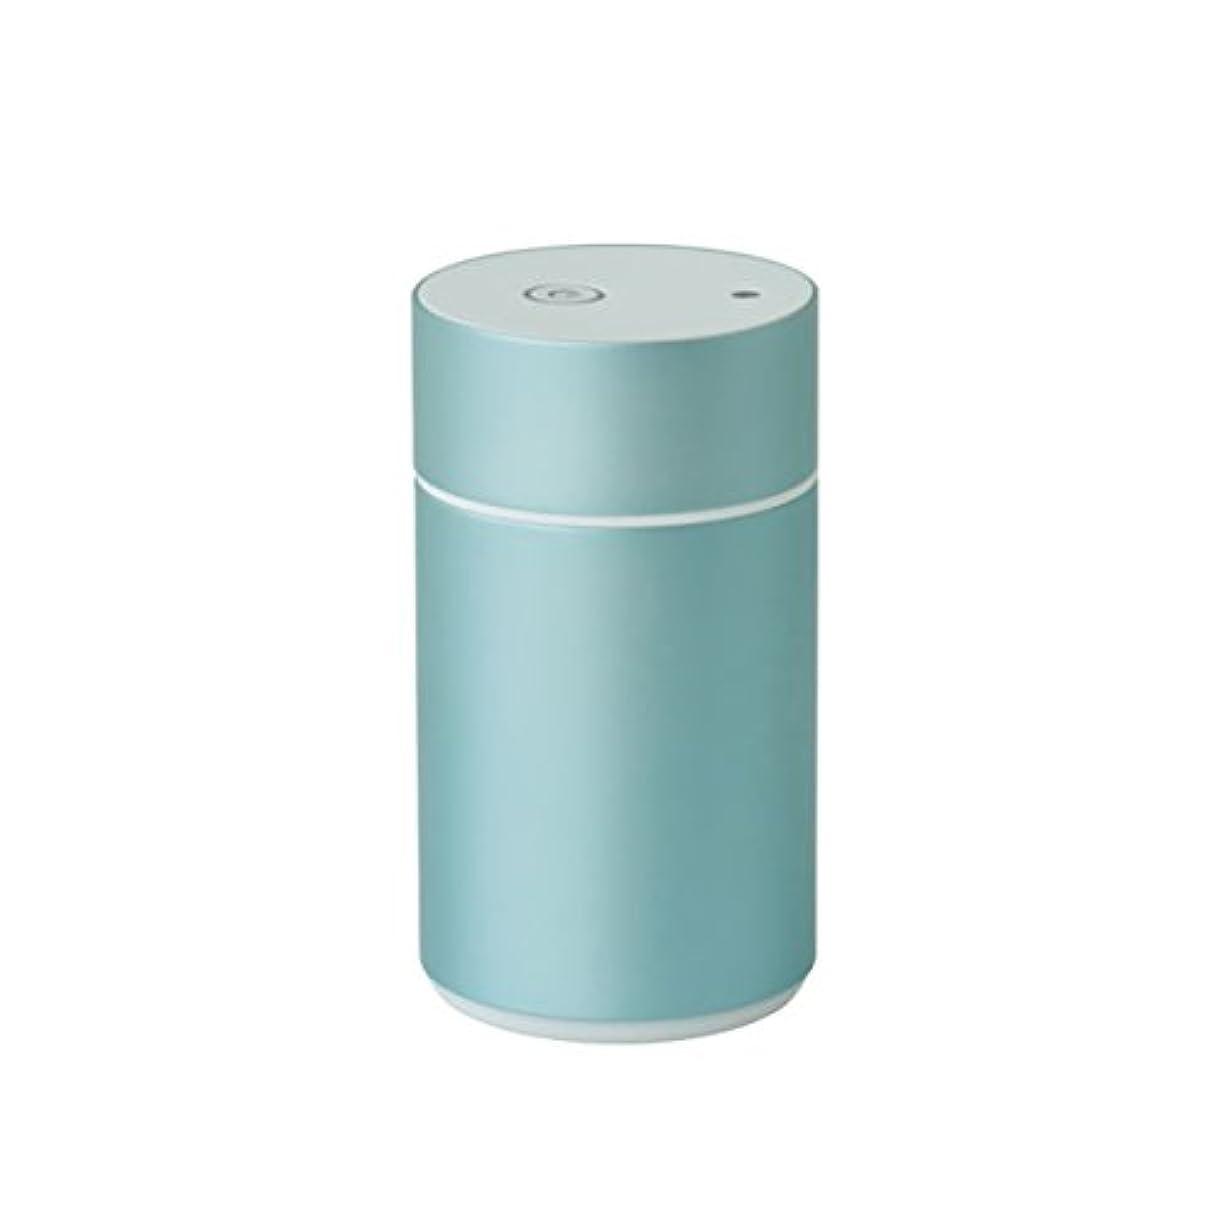 ラップ鋼メーカー生活の木 アロモアミニ ミントグリーン[aromore-mini] (エッセンシャルオイルディフューザー) (圧縮微粒子式アロマディフューザー)